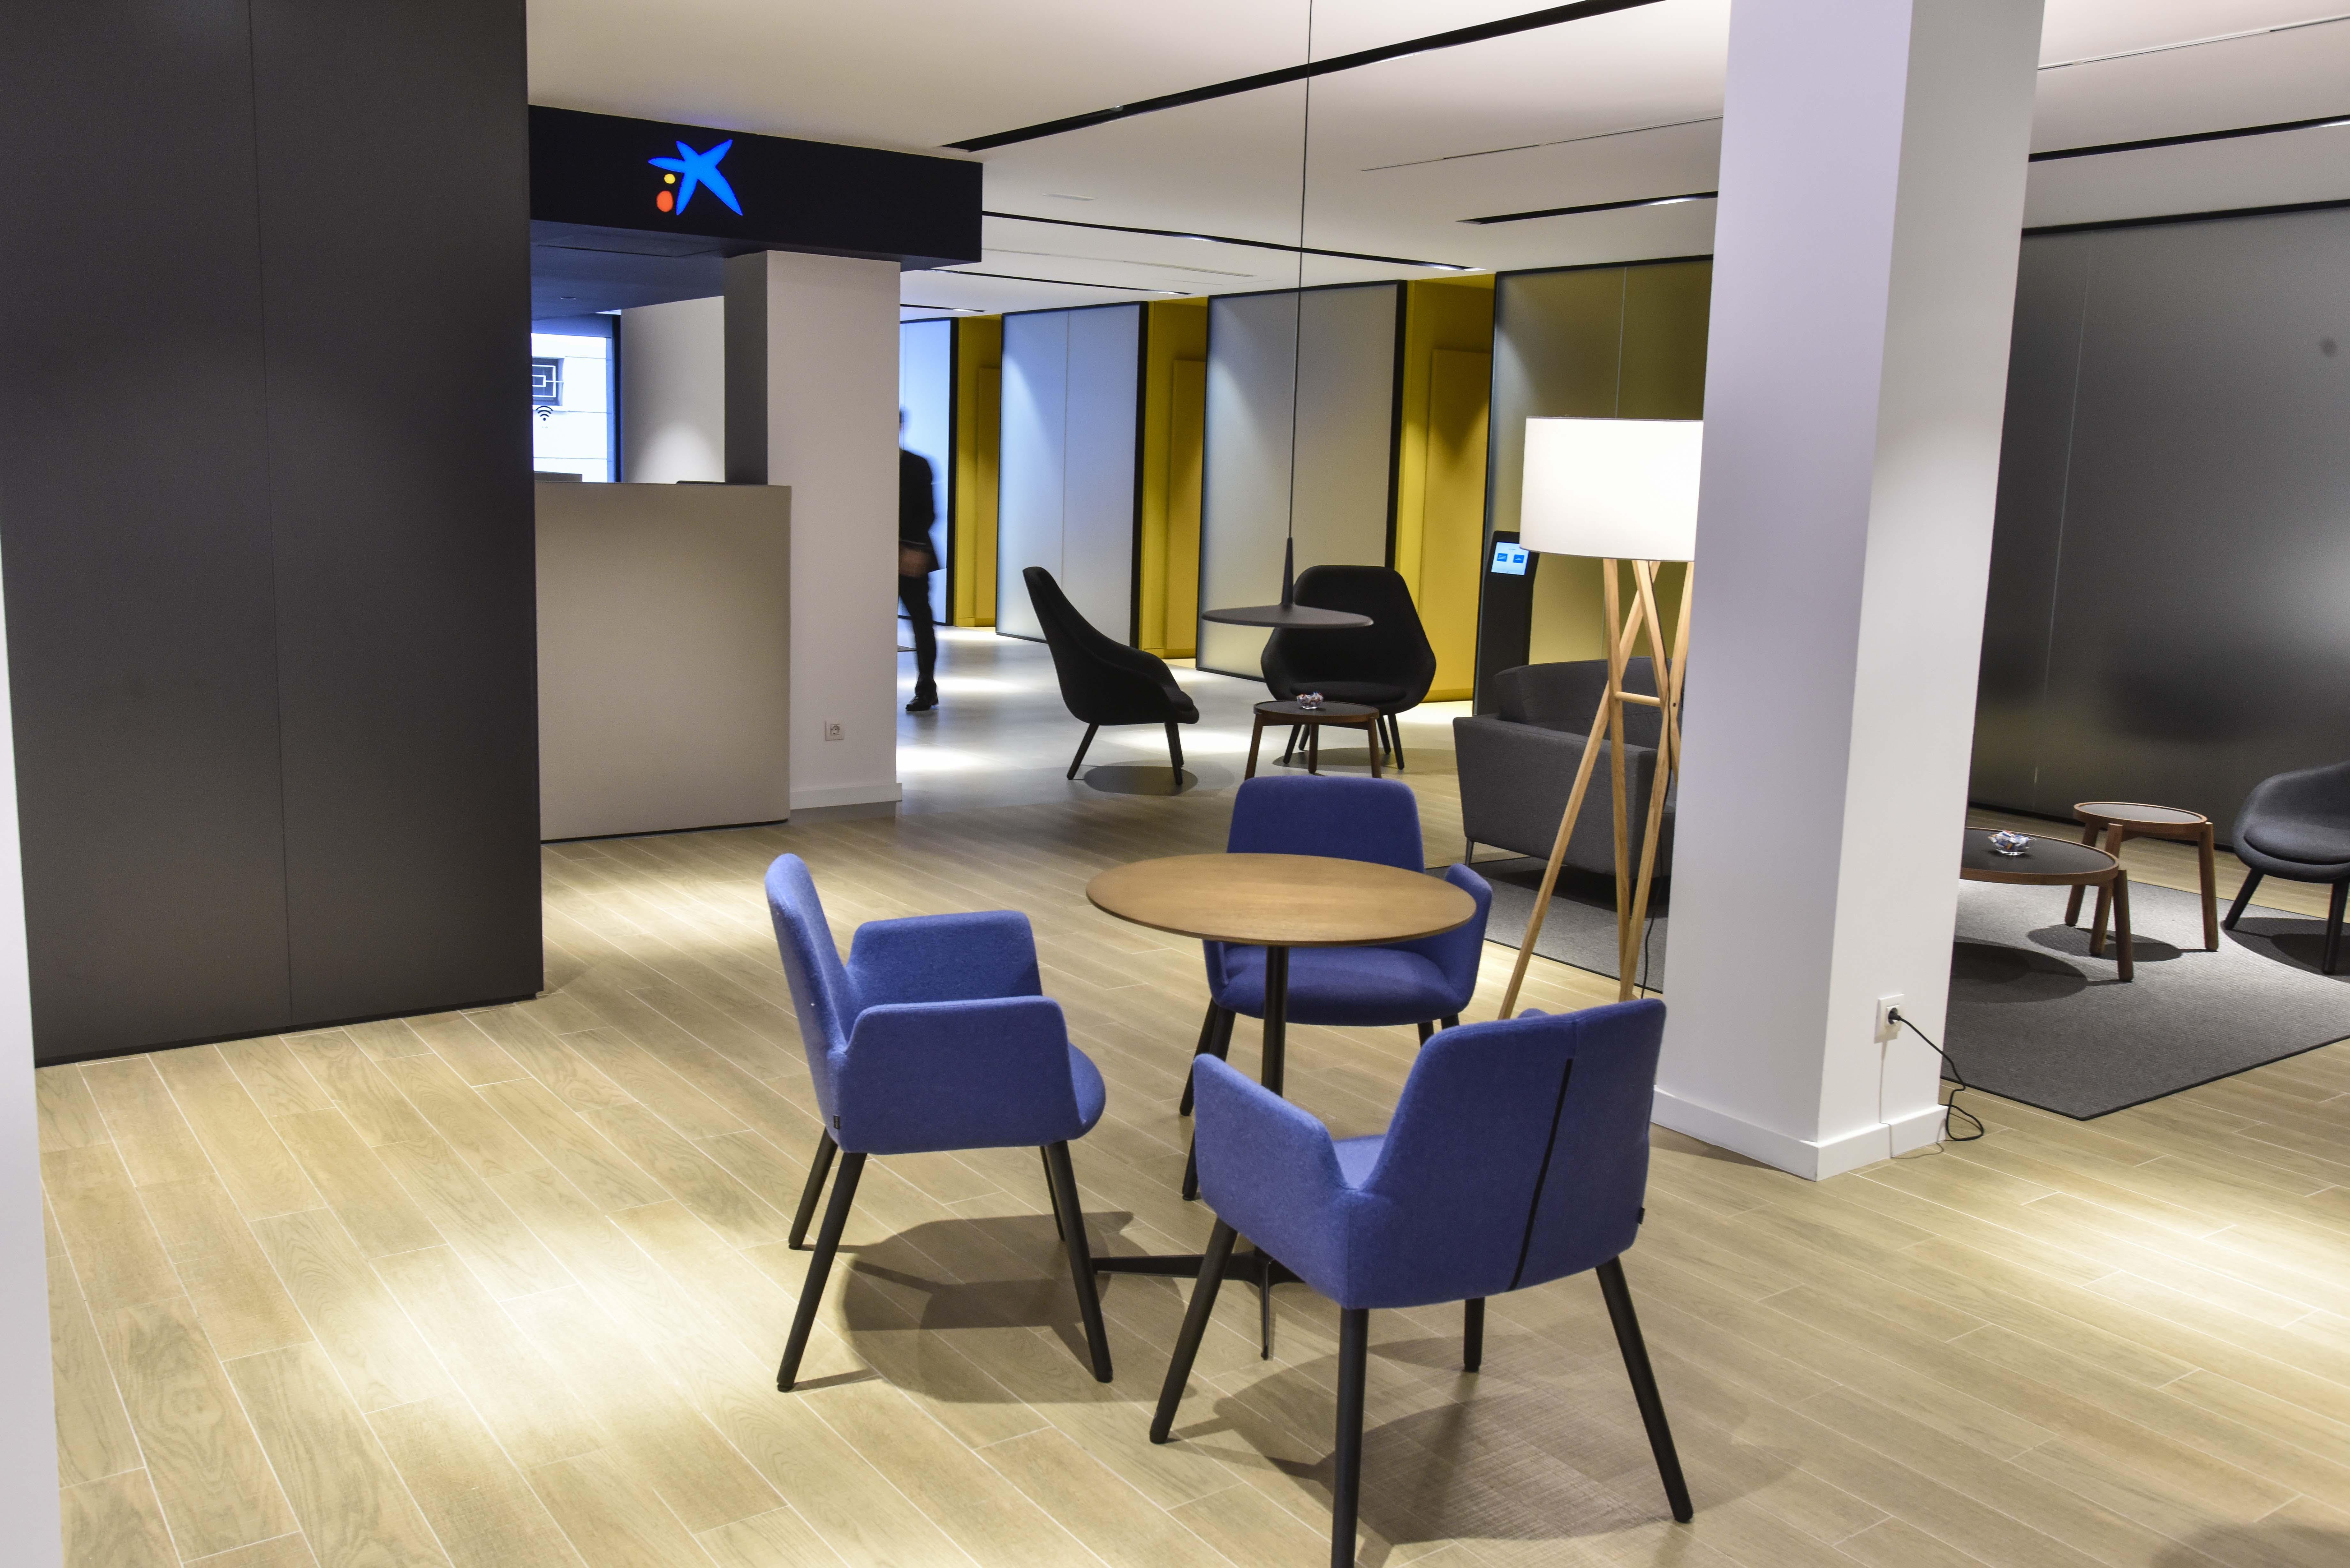 Caixabank abrir 200 oficinas de su nuevo modelo store en for Oficinas bbk en barcelona